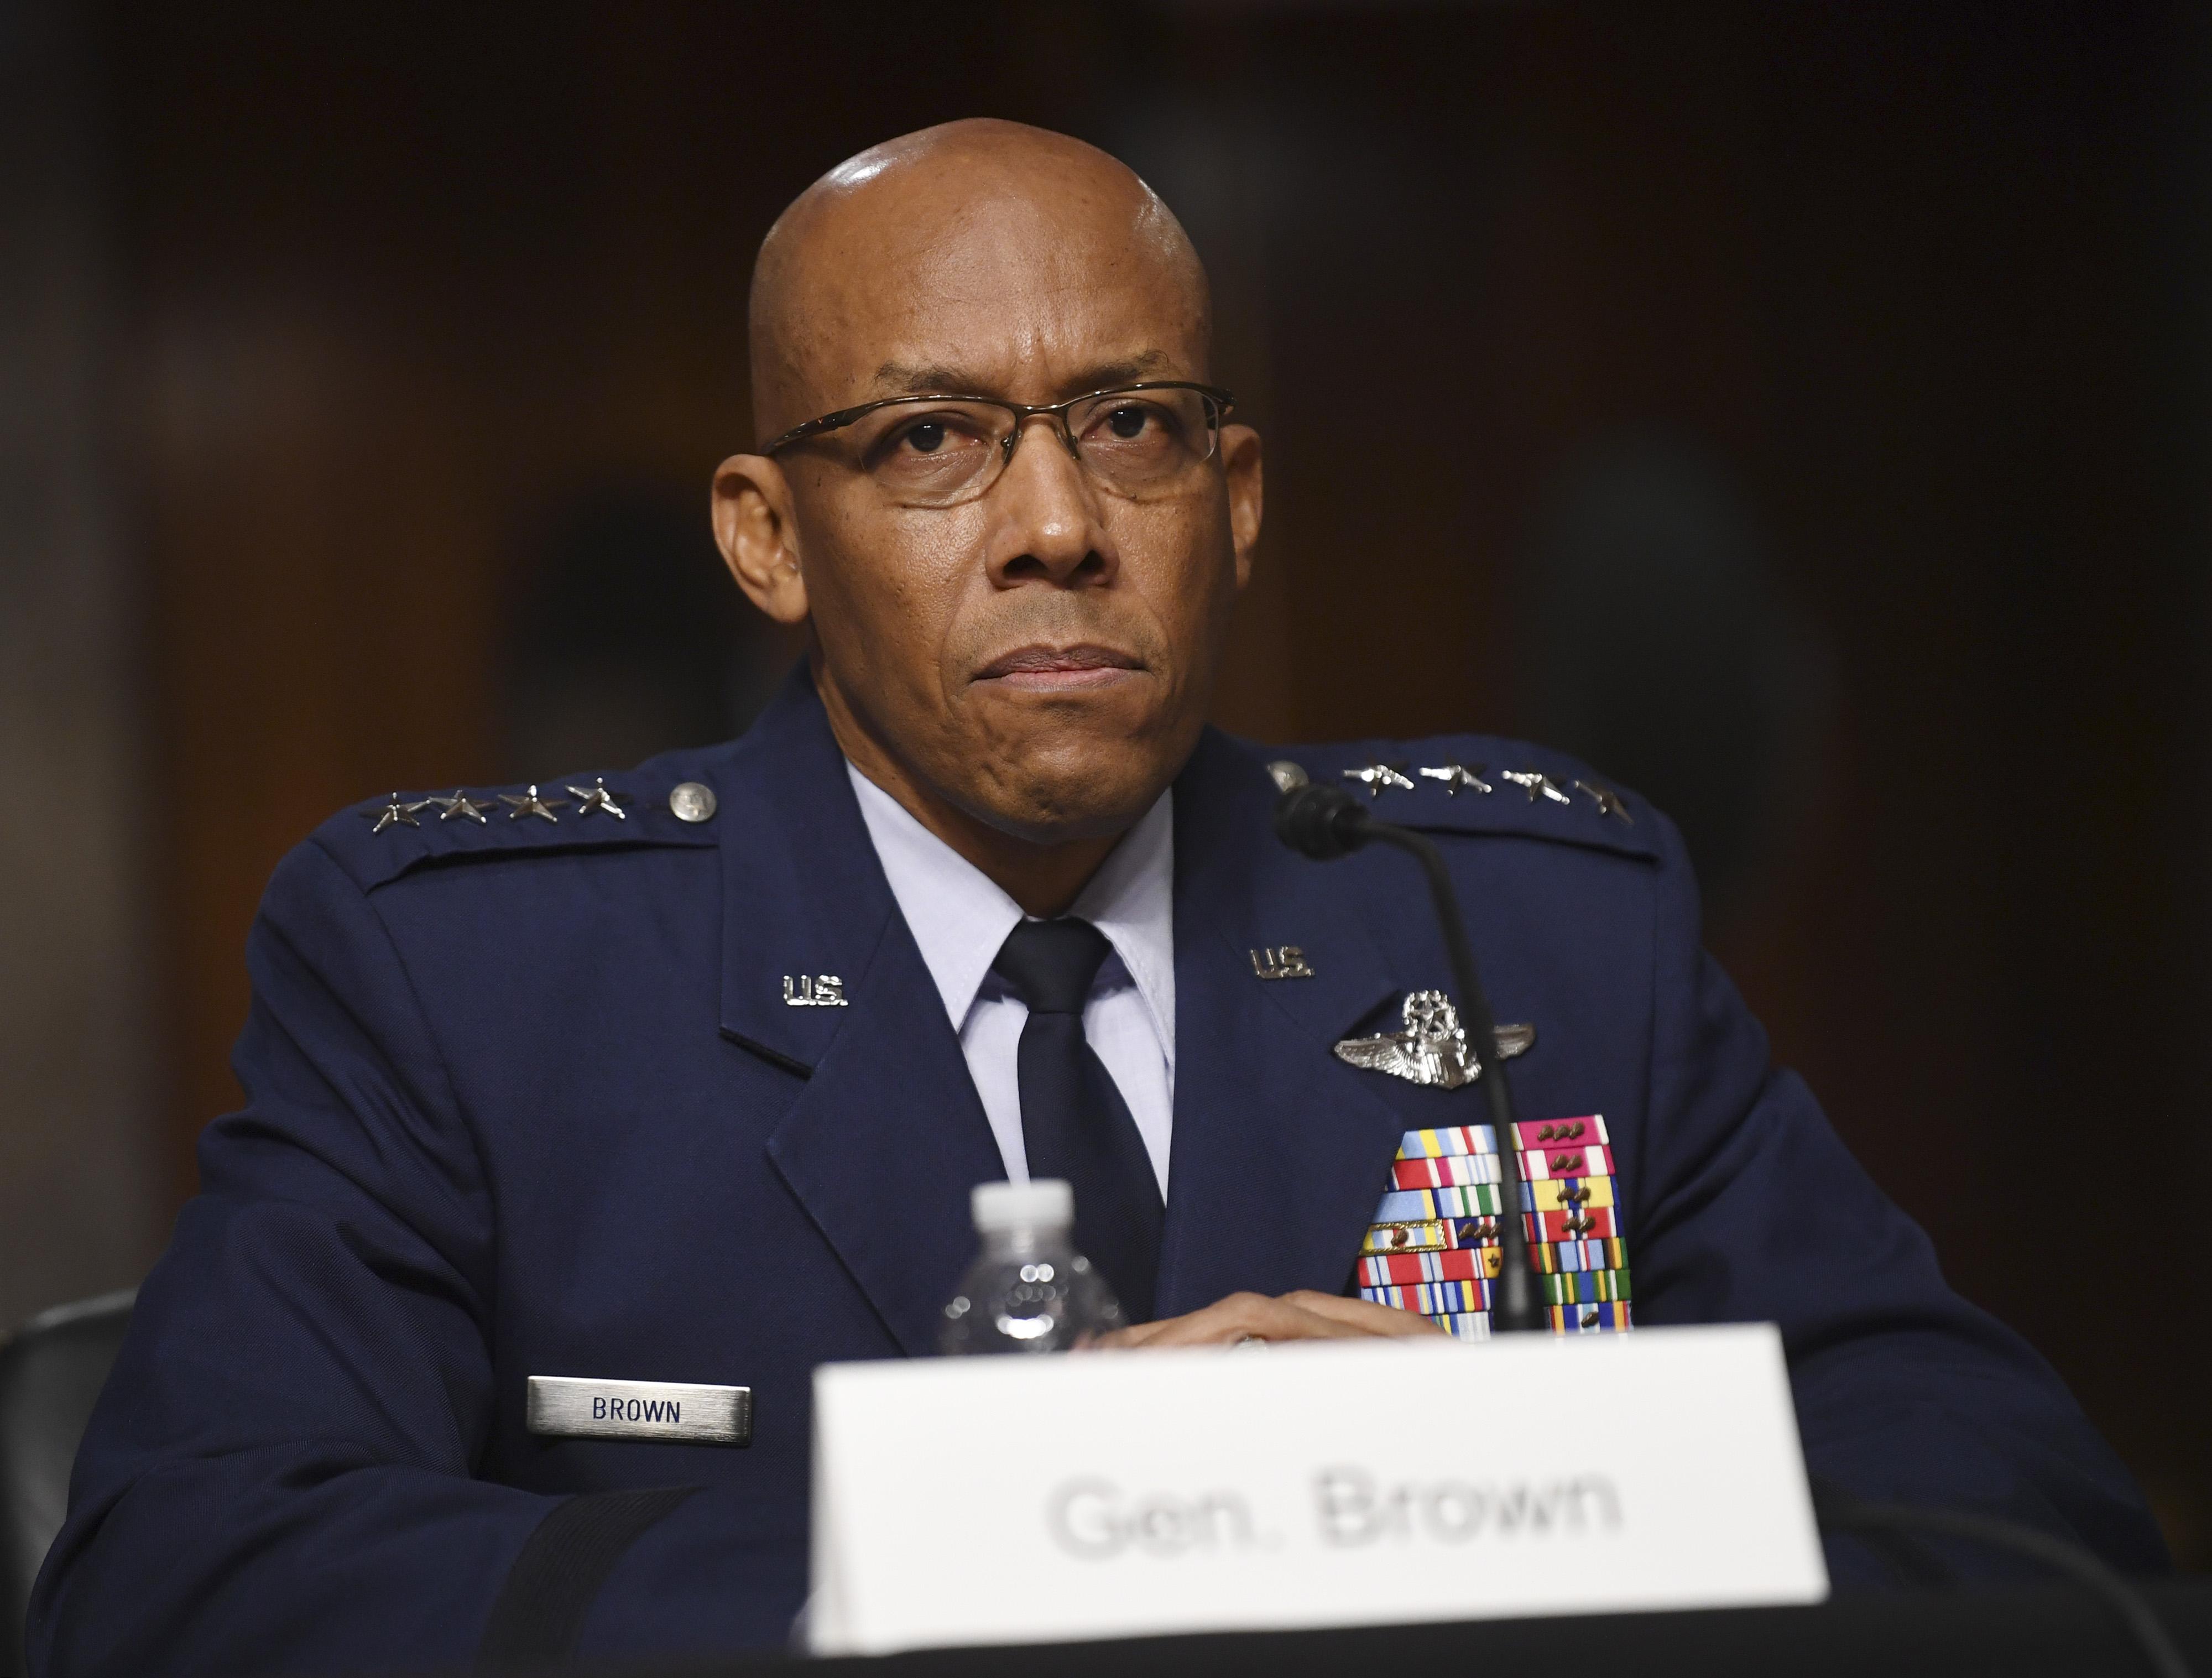 美首位非裔空軍參謀長 參議院通過任命案